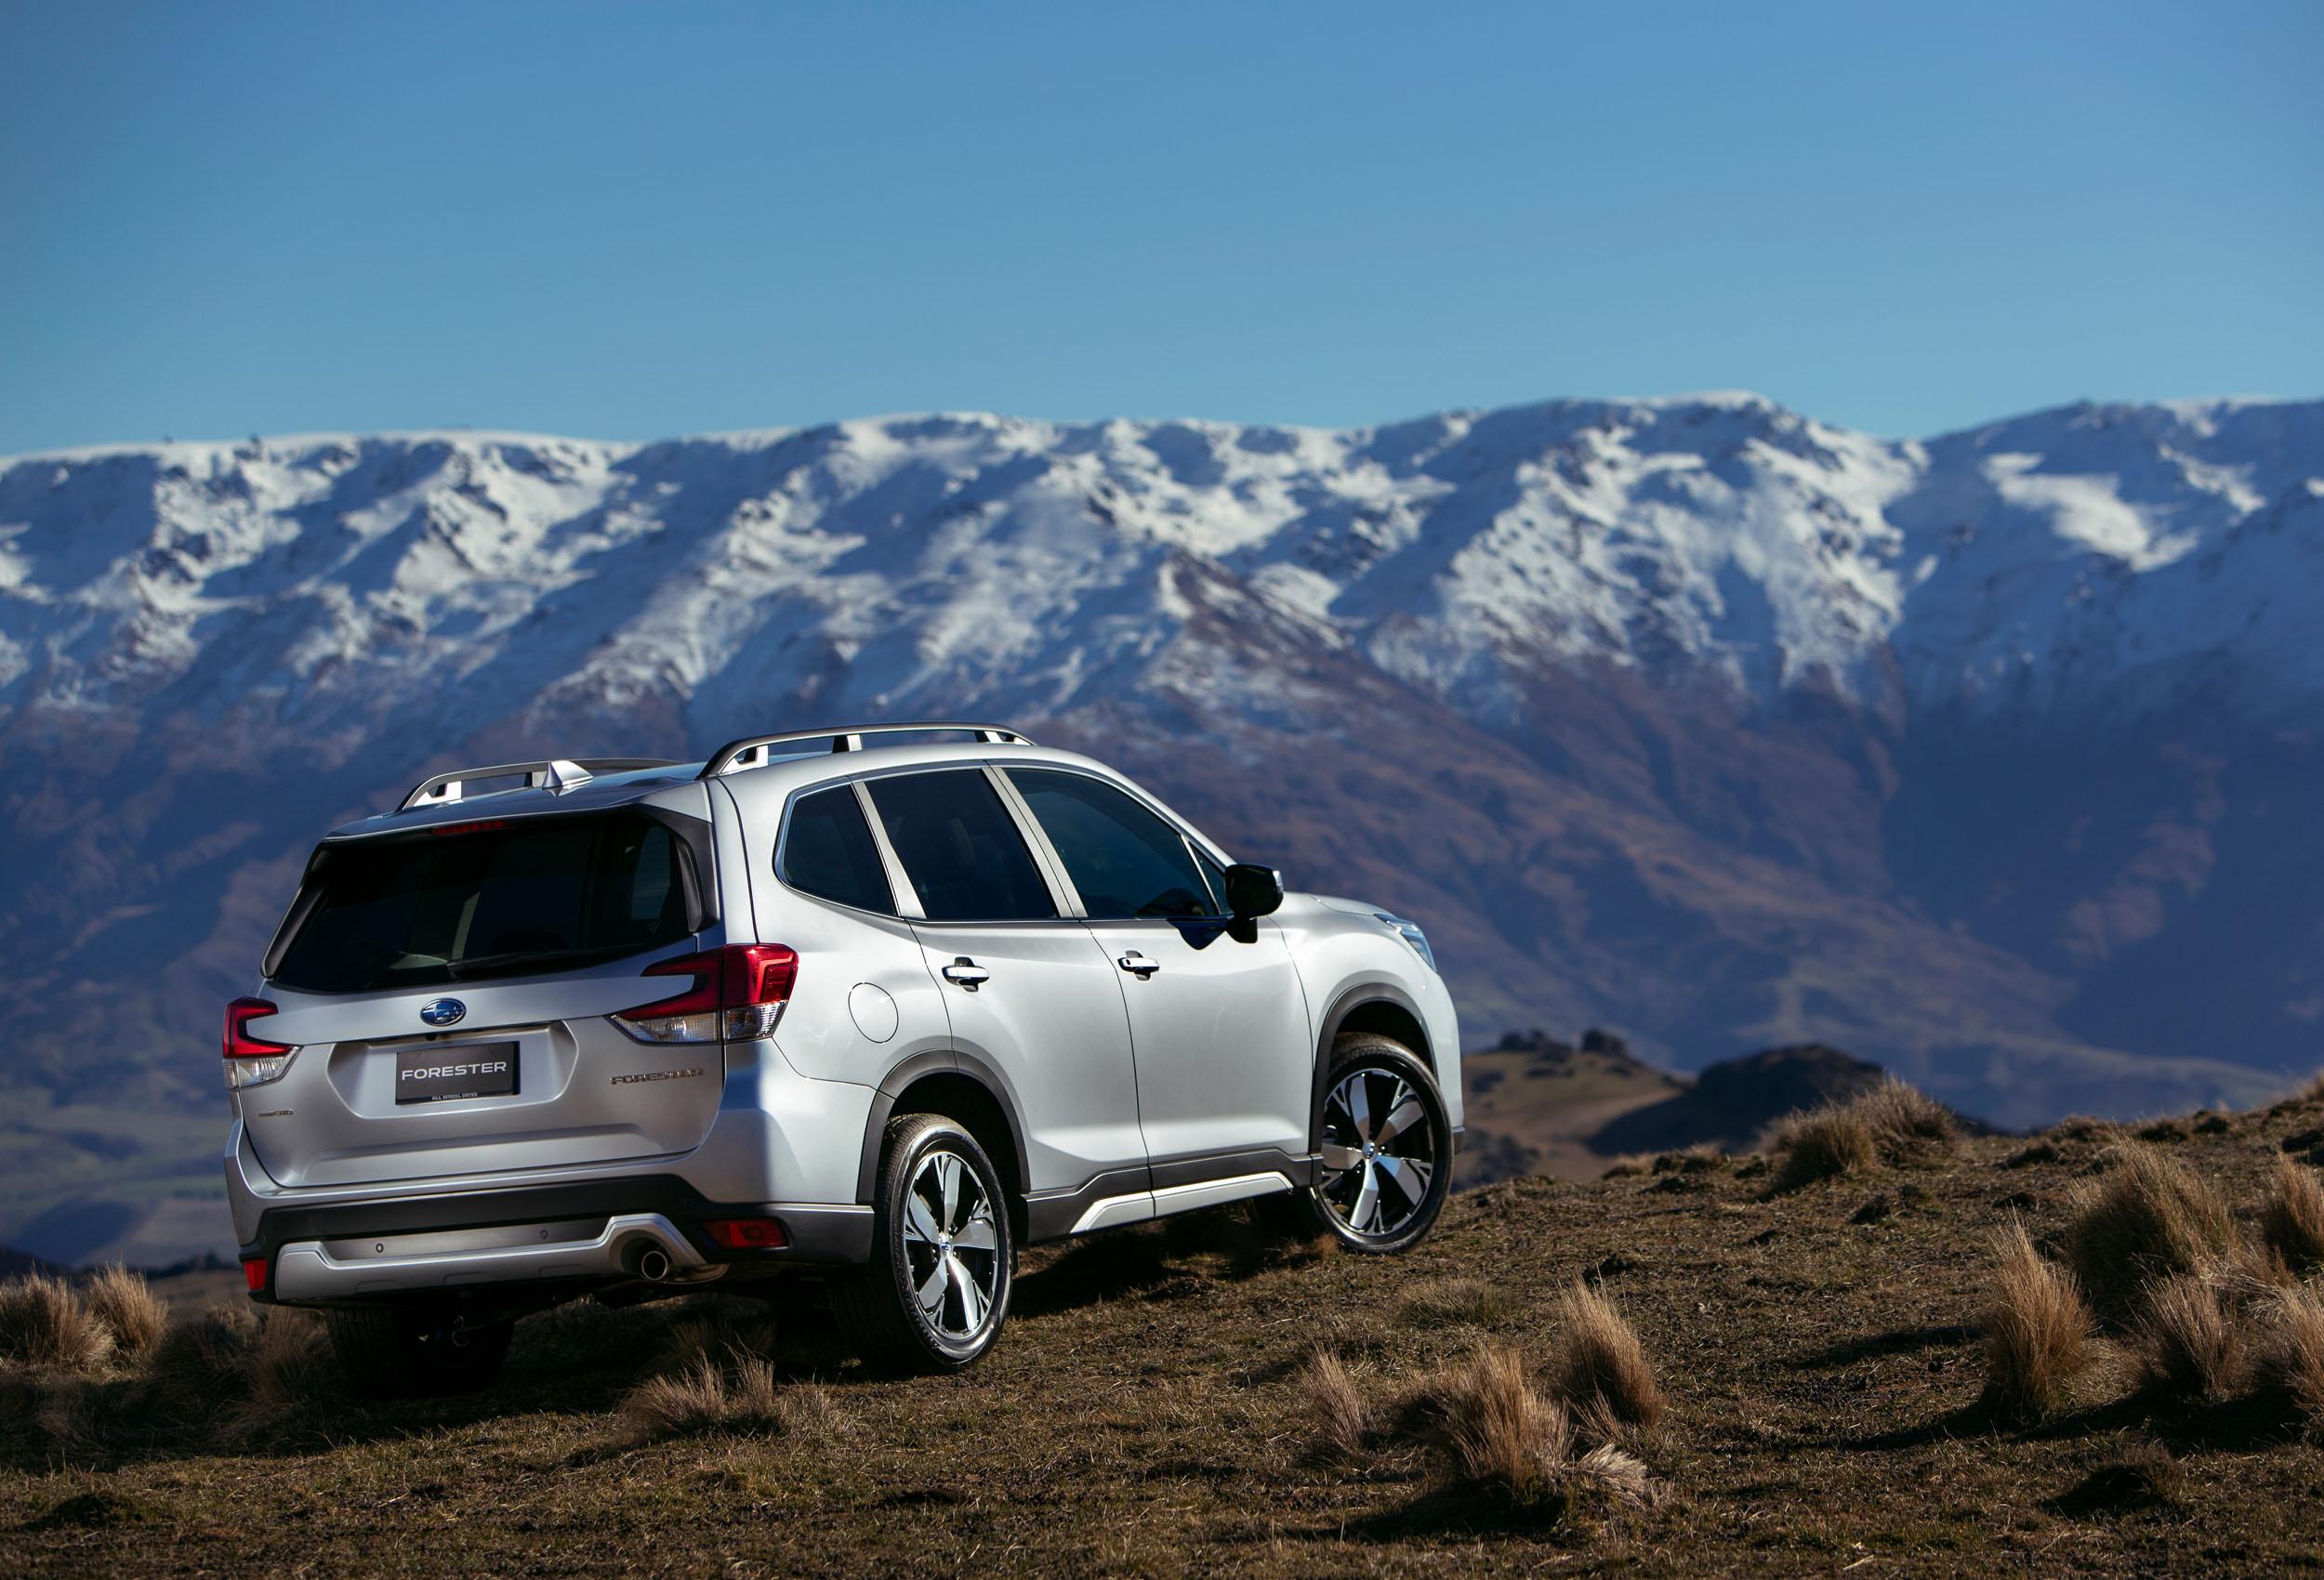 Subaru Forester 2.5 Premium exterior LR 7.jpg